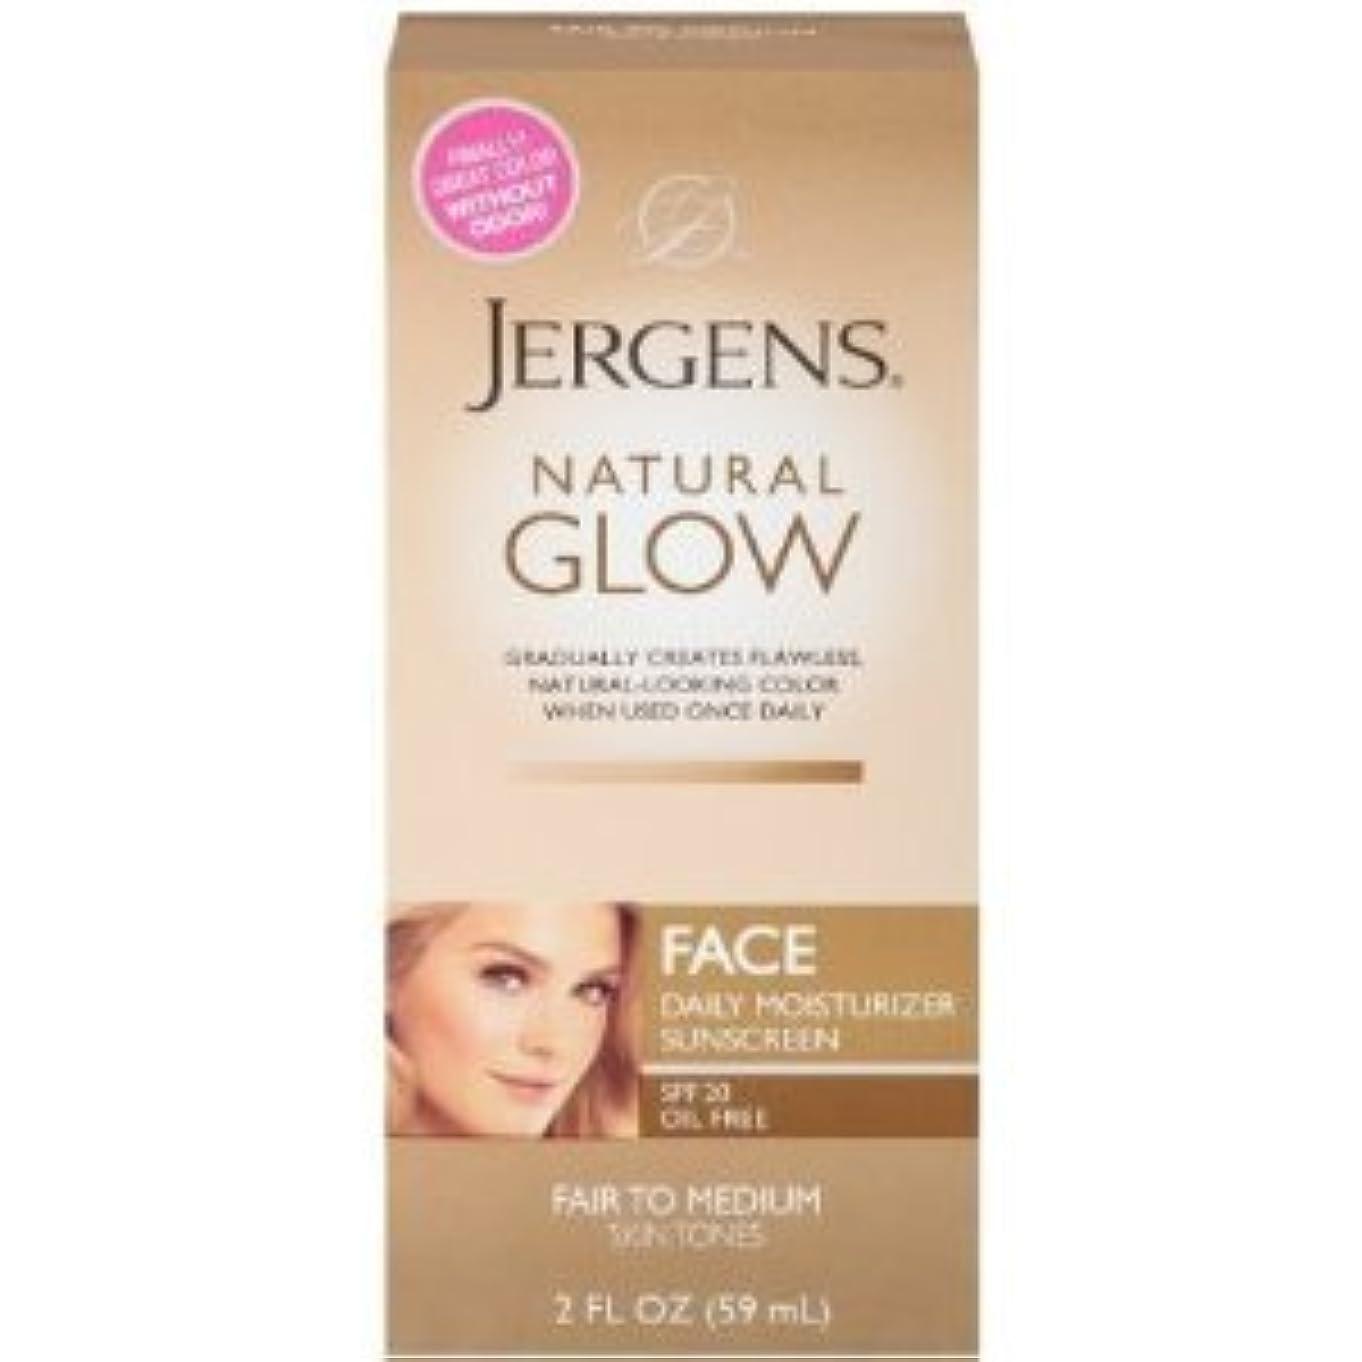 Natural Glow Healthy Complexion Daily Facial Moisturizer, SPF 20, Fair to Medium Tan, (59ml) (海外直送品)